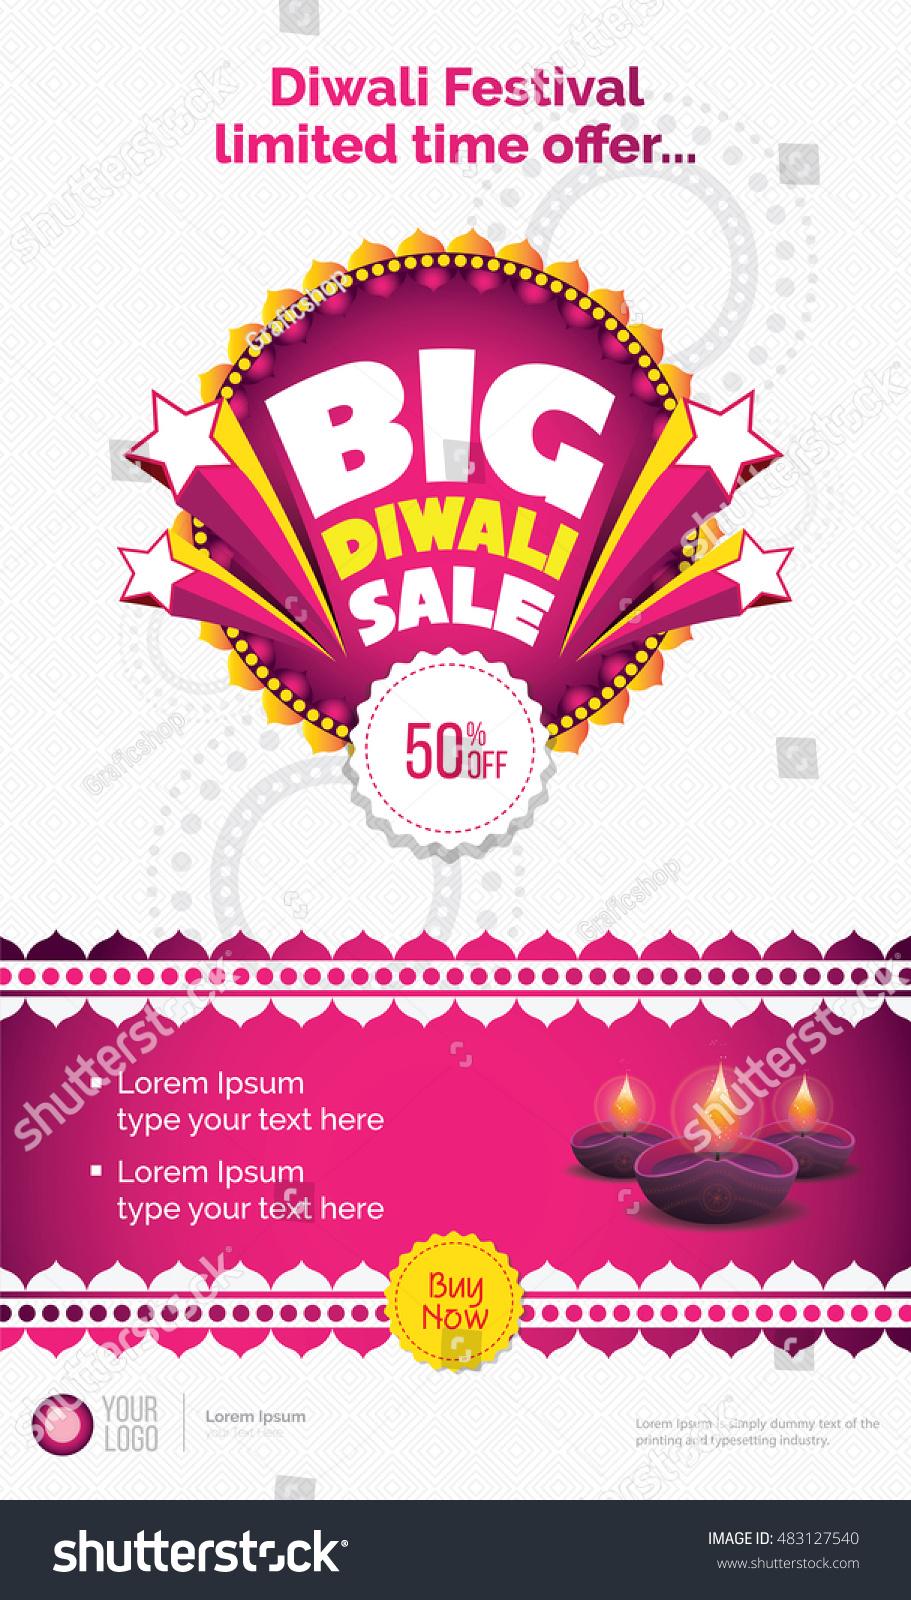 big diwali template diwali festival stock vector  big diwali template diwali festival offer template lamps